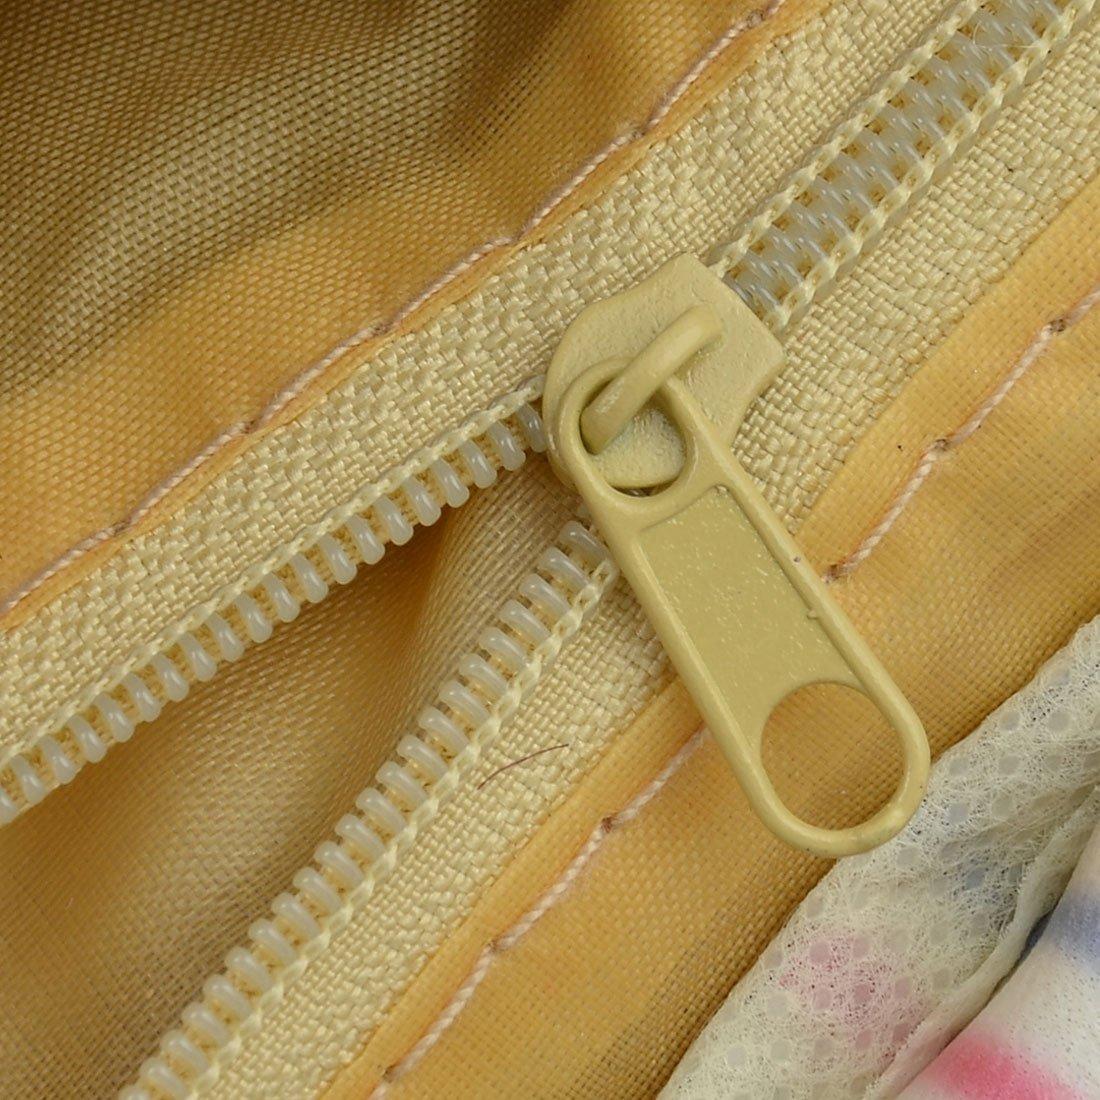 Amazon.com: eDealMax algodón de lino modelo de la raya al aire libre Inicio almuerzo titular refrigerador de la bolsa del bolso del bolso: Kitchen & Dining